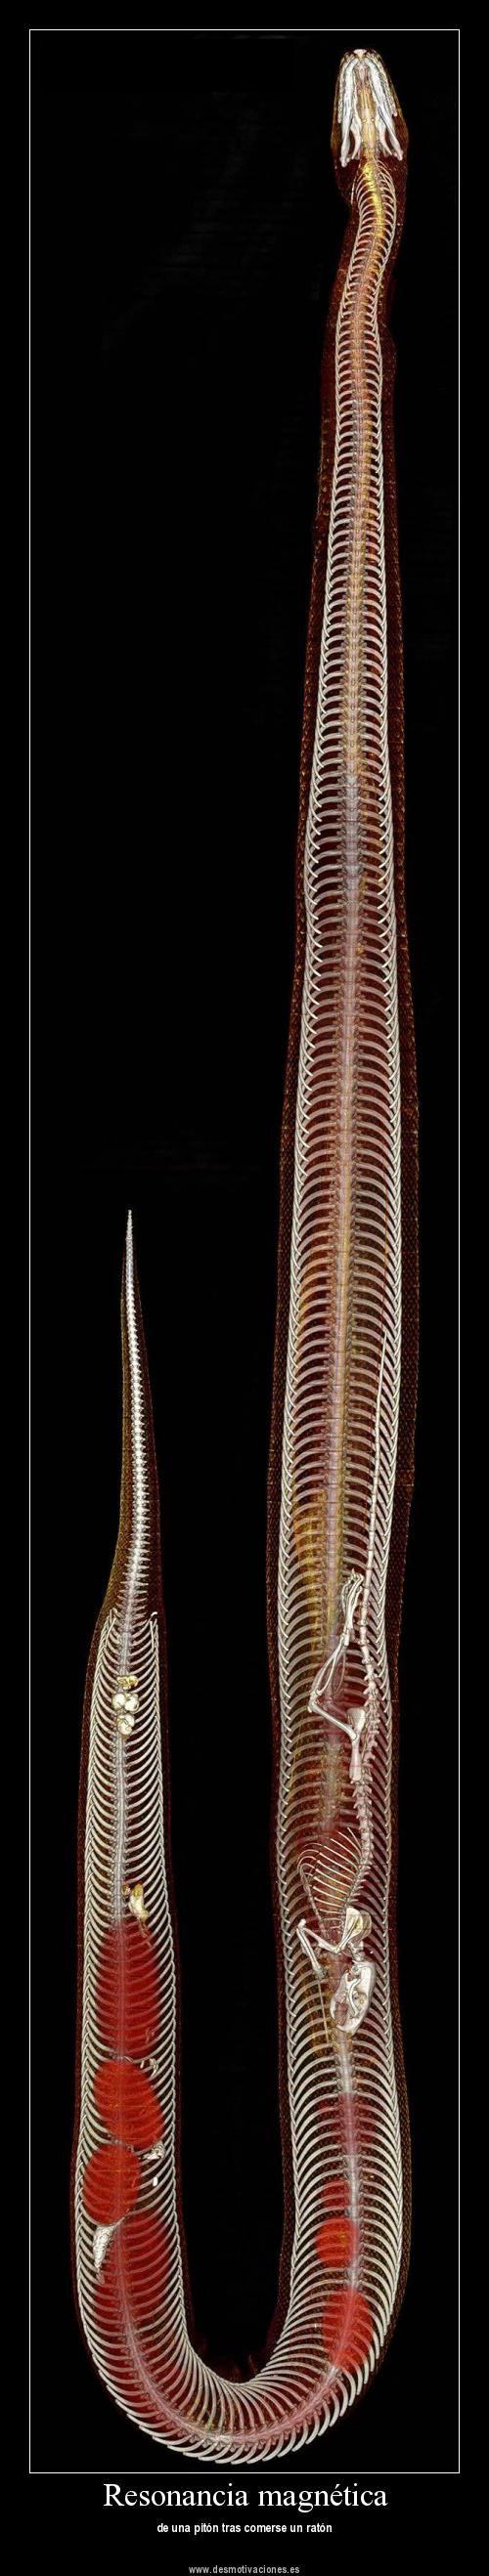 Usando una combinación de la tomografía computarizada y la resonancia magnética, los científicos Kasper Hansen y Henrik Lauridsen de la Universidad de Aarhus en Dinamarca fueron capaces de visualizar la totalidad de las estructuras de los órganos internos y los sistemas vasculares de un pitón de Birmania en la digestión de una rata.